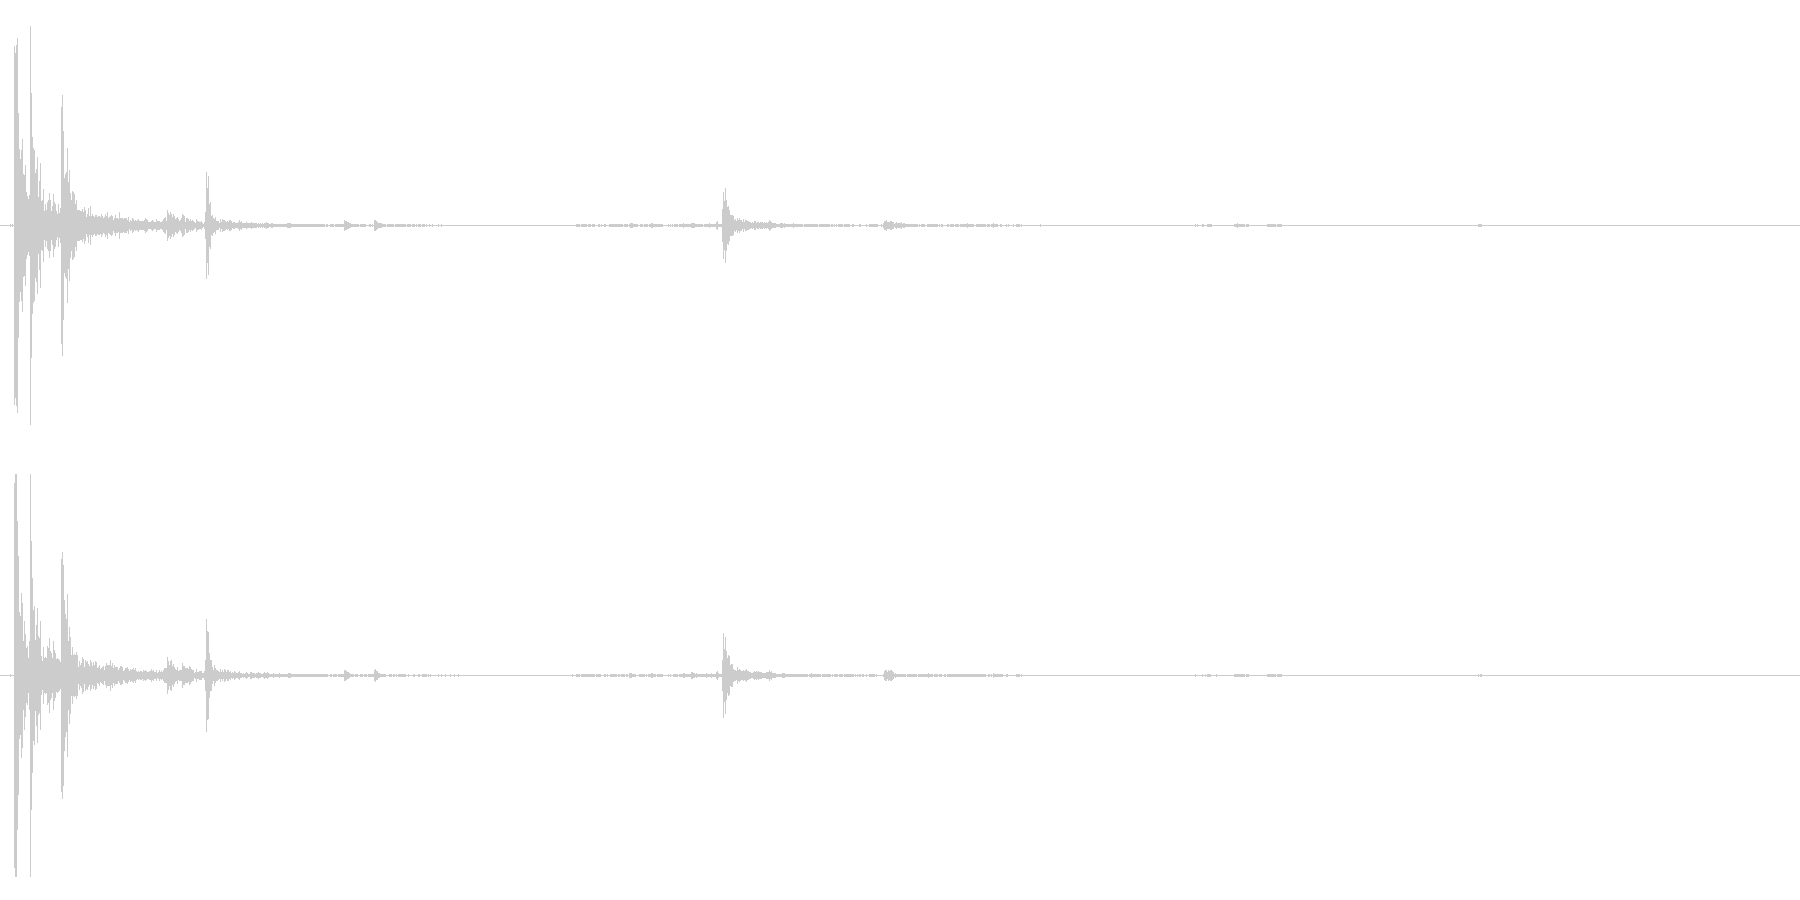 【生録音】パッケージ 開封音 6の未再生の波形